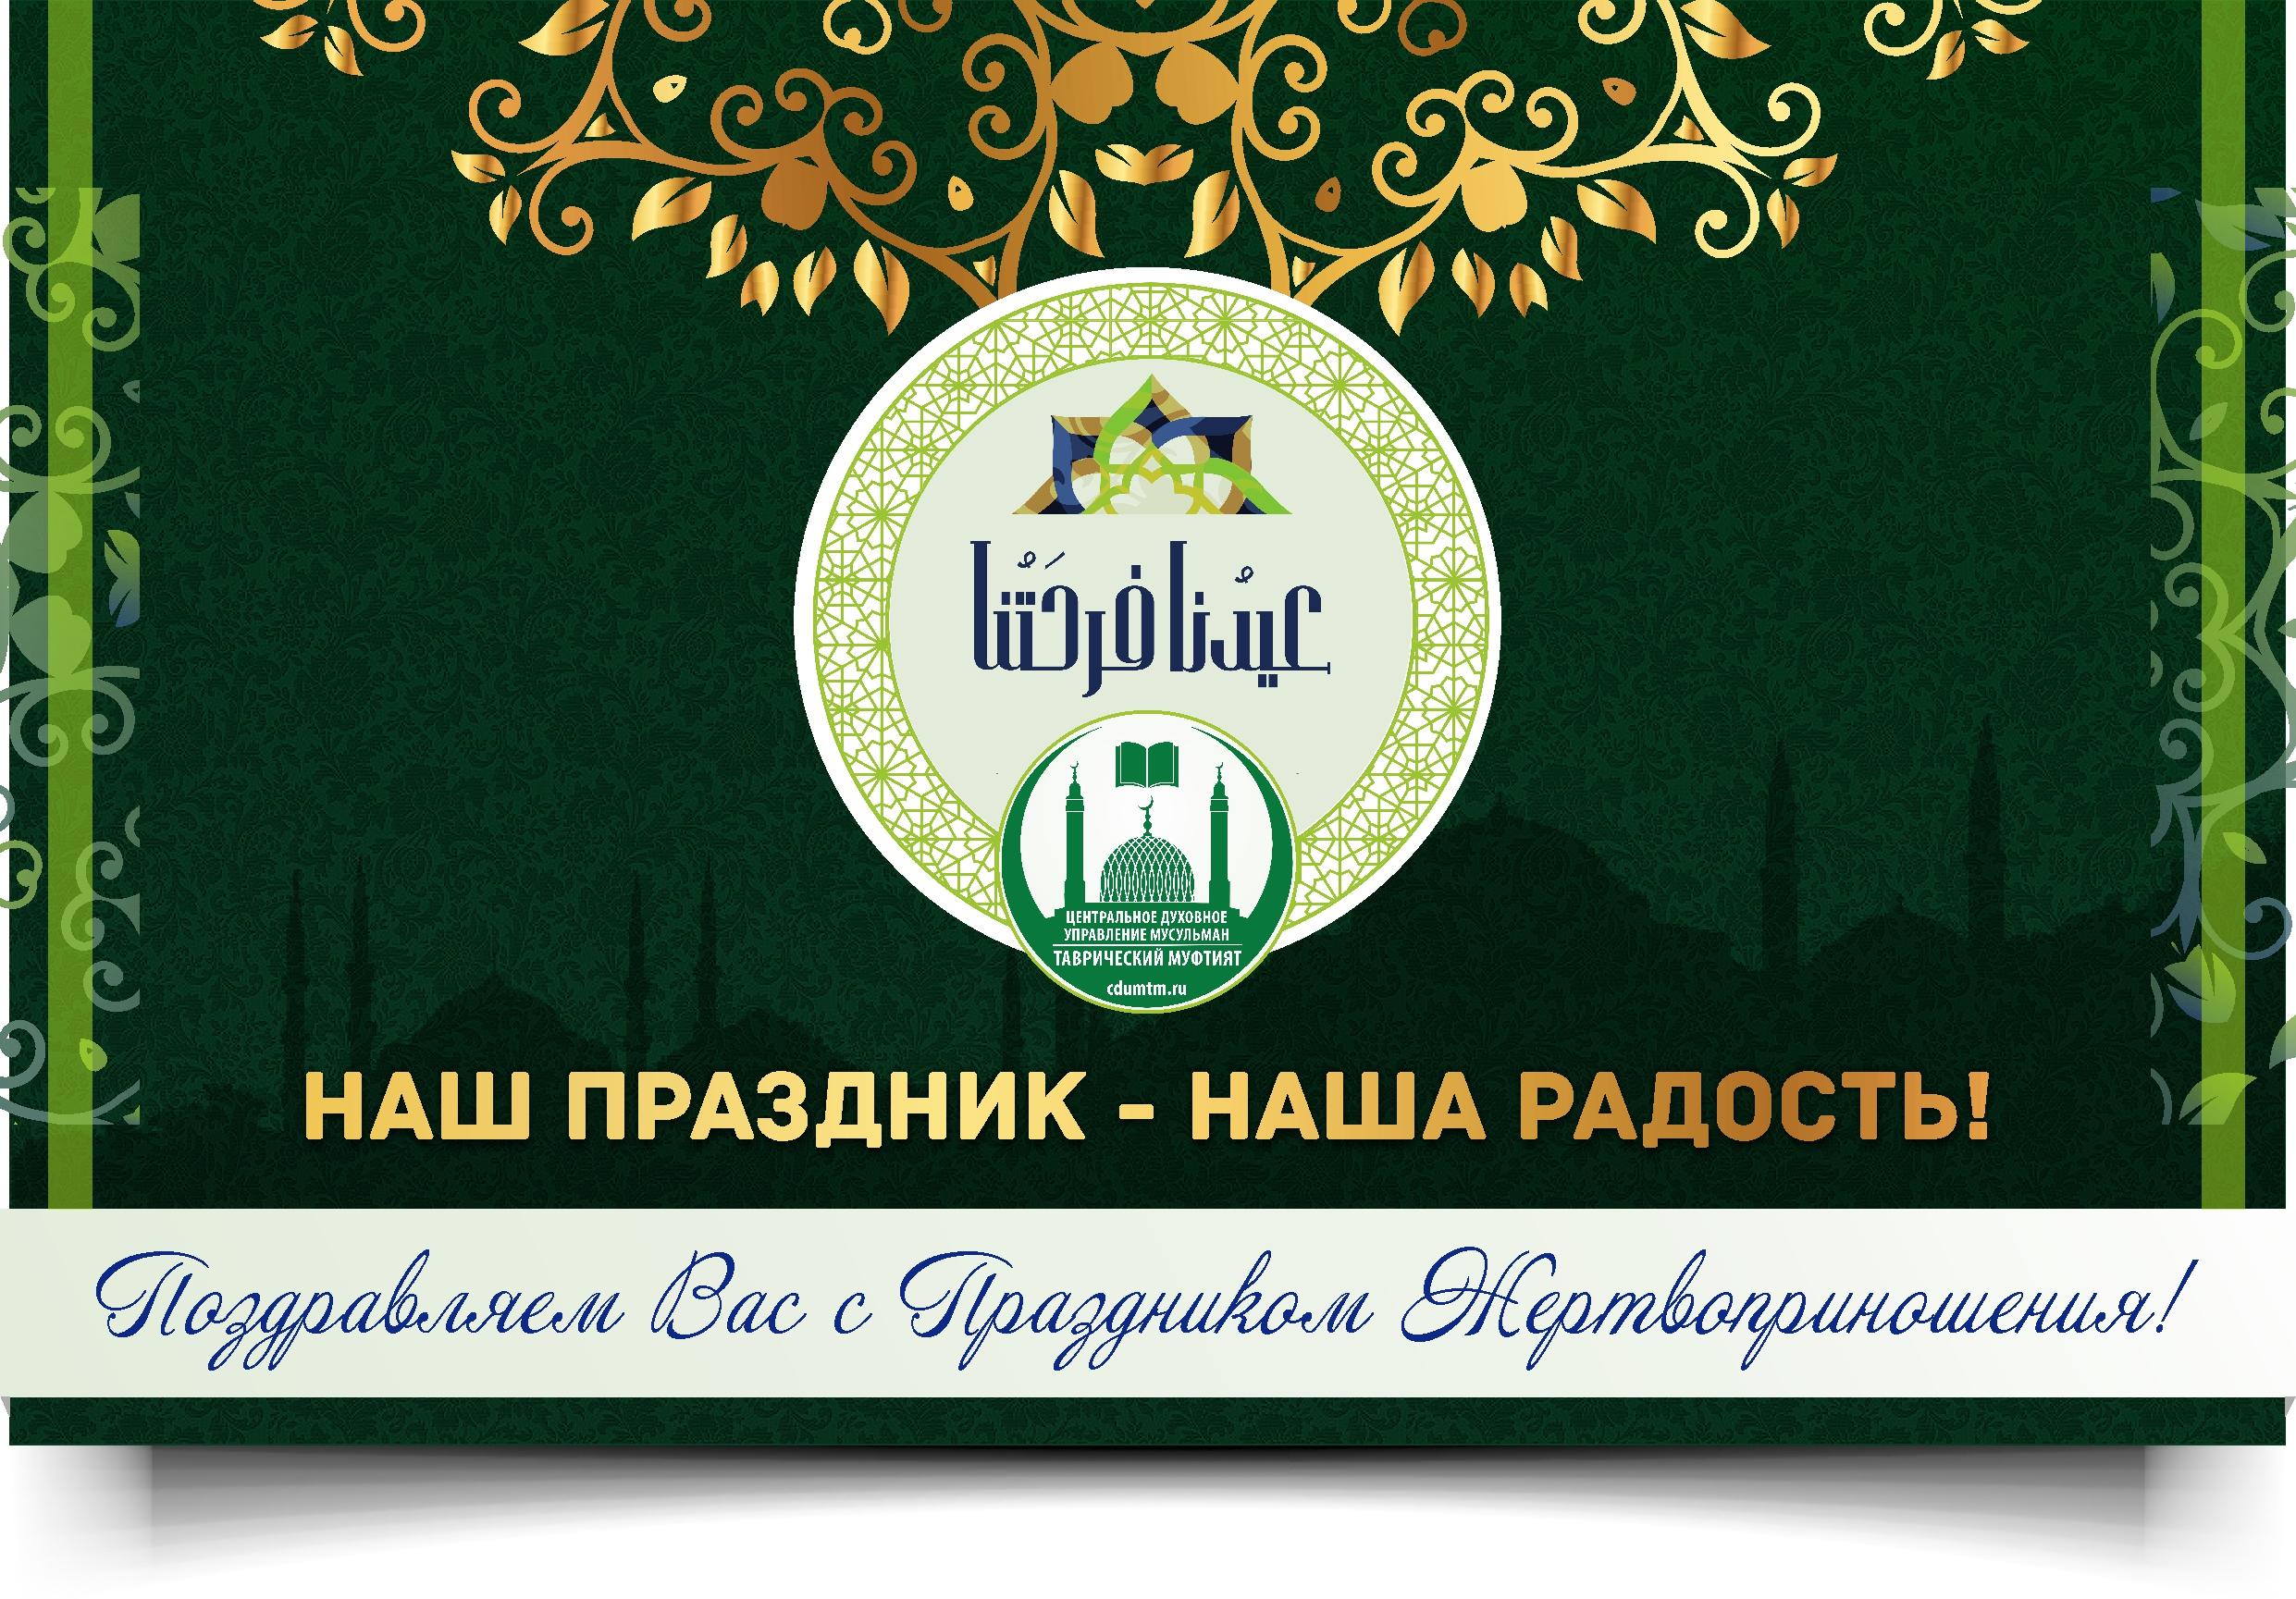 Лучшие поздравления на татарском курбан байрам